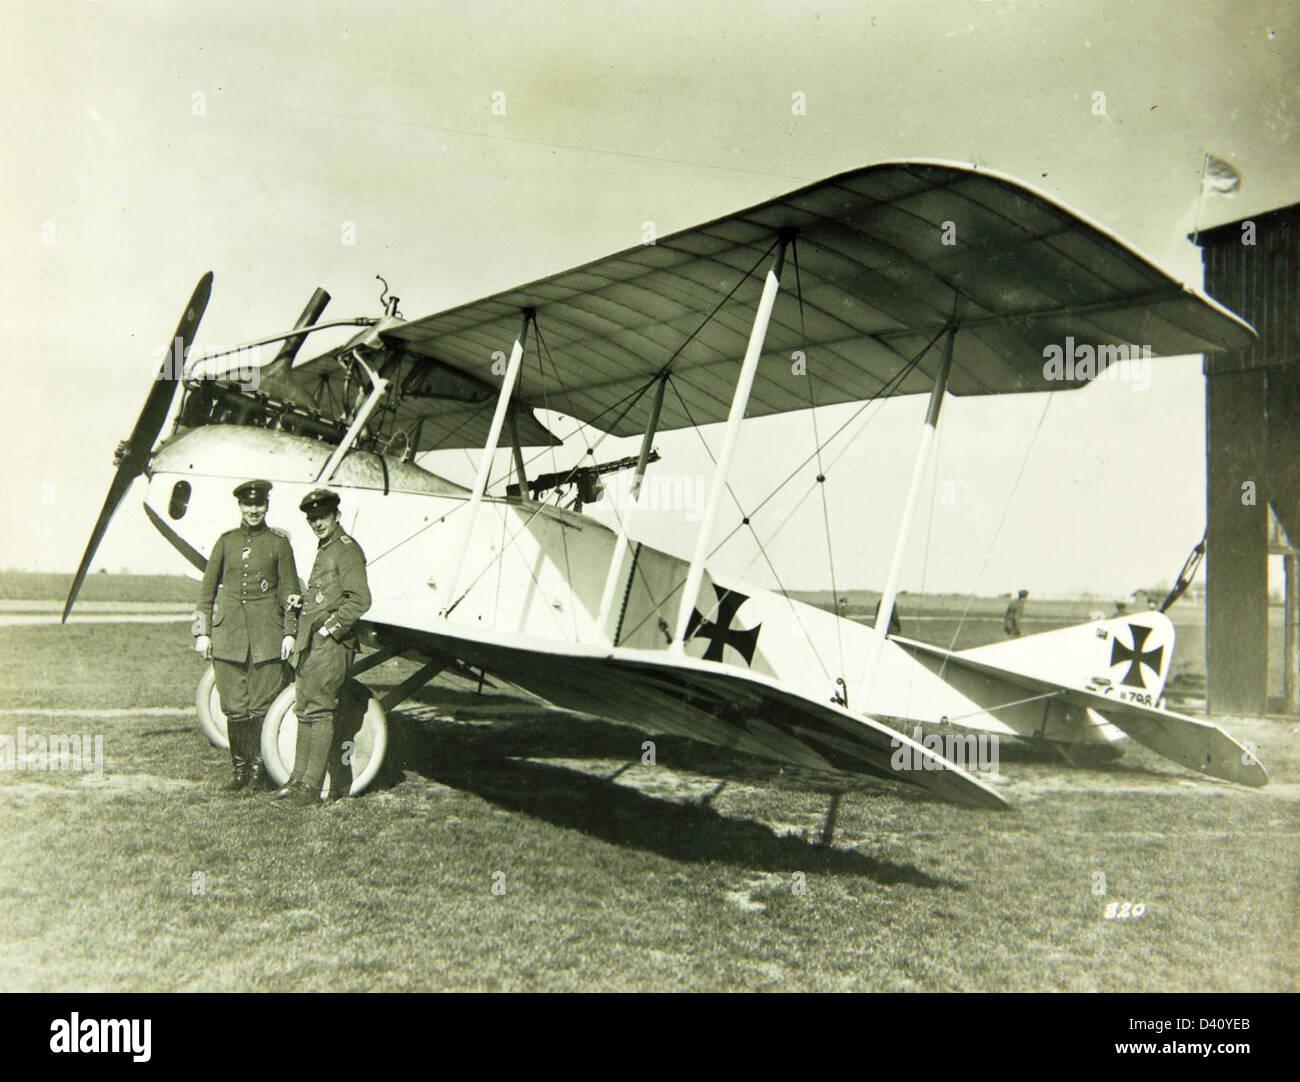 Au sujet des teintes de vernis des avions allemands 1914/1916 Lvg-cii-D40YEB